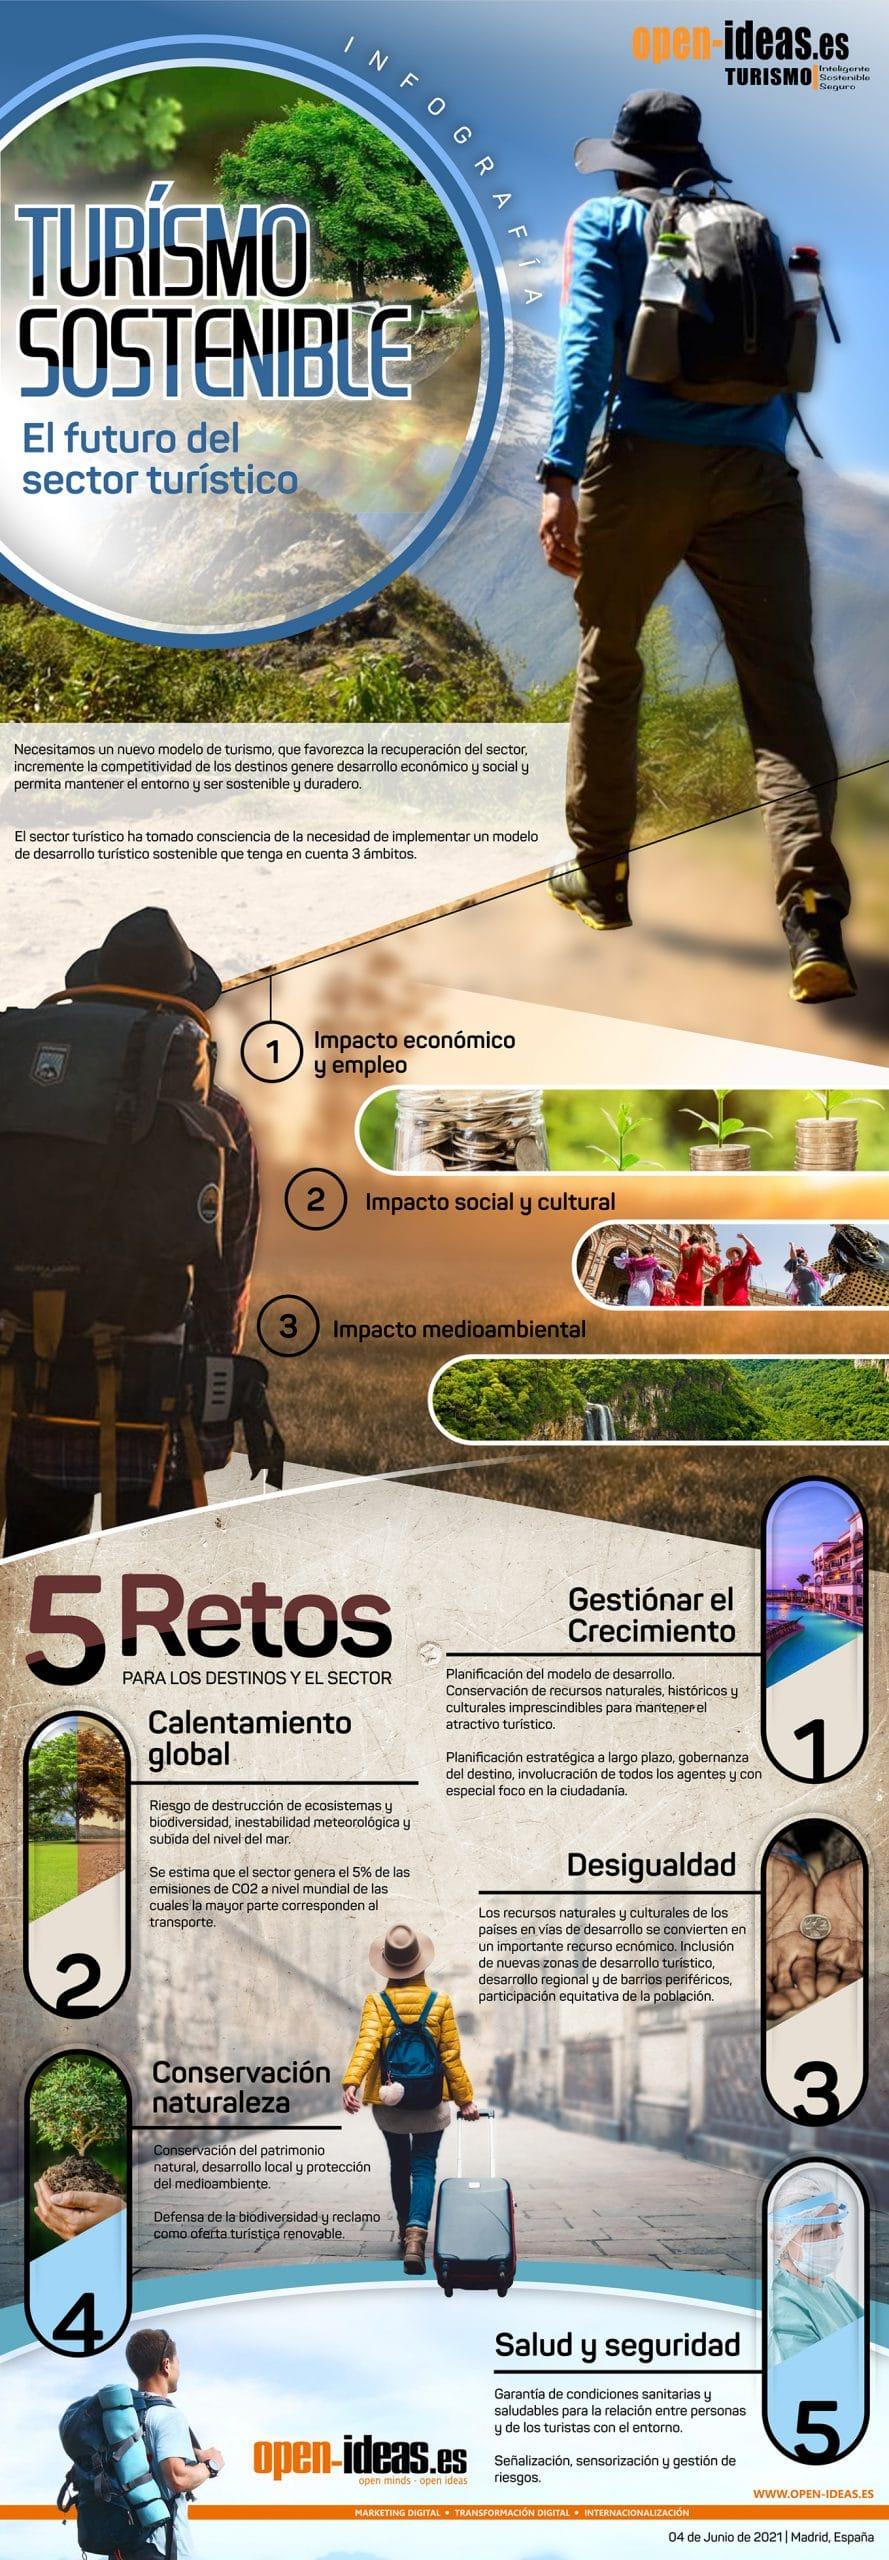 turismo sostenible infografia 08.06.2021 3 scaled